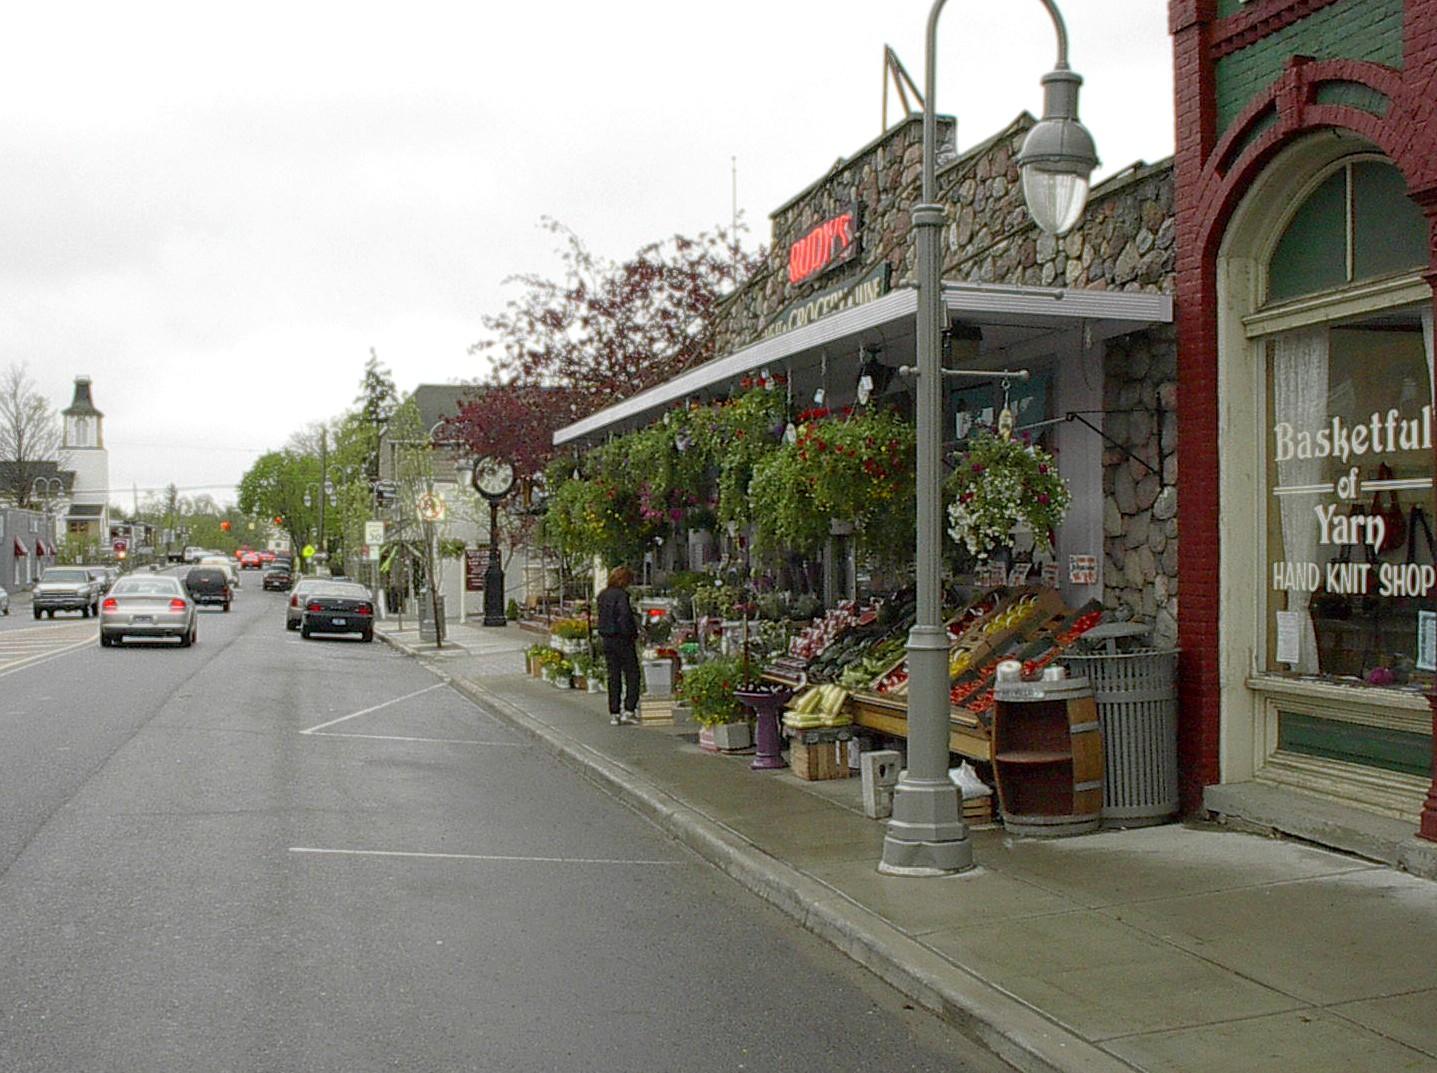 Clarkston Street View